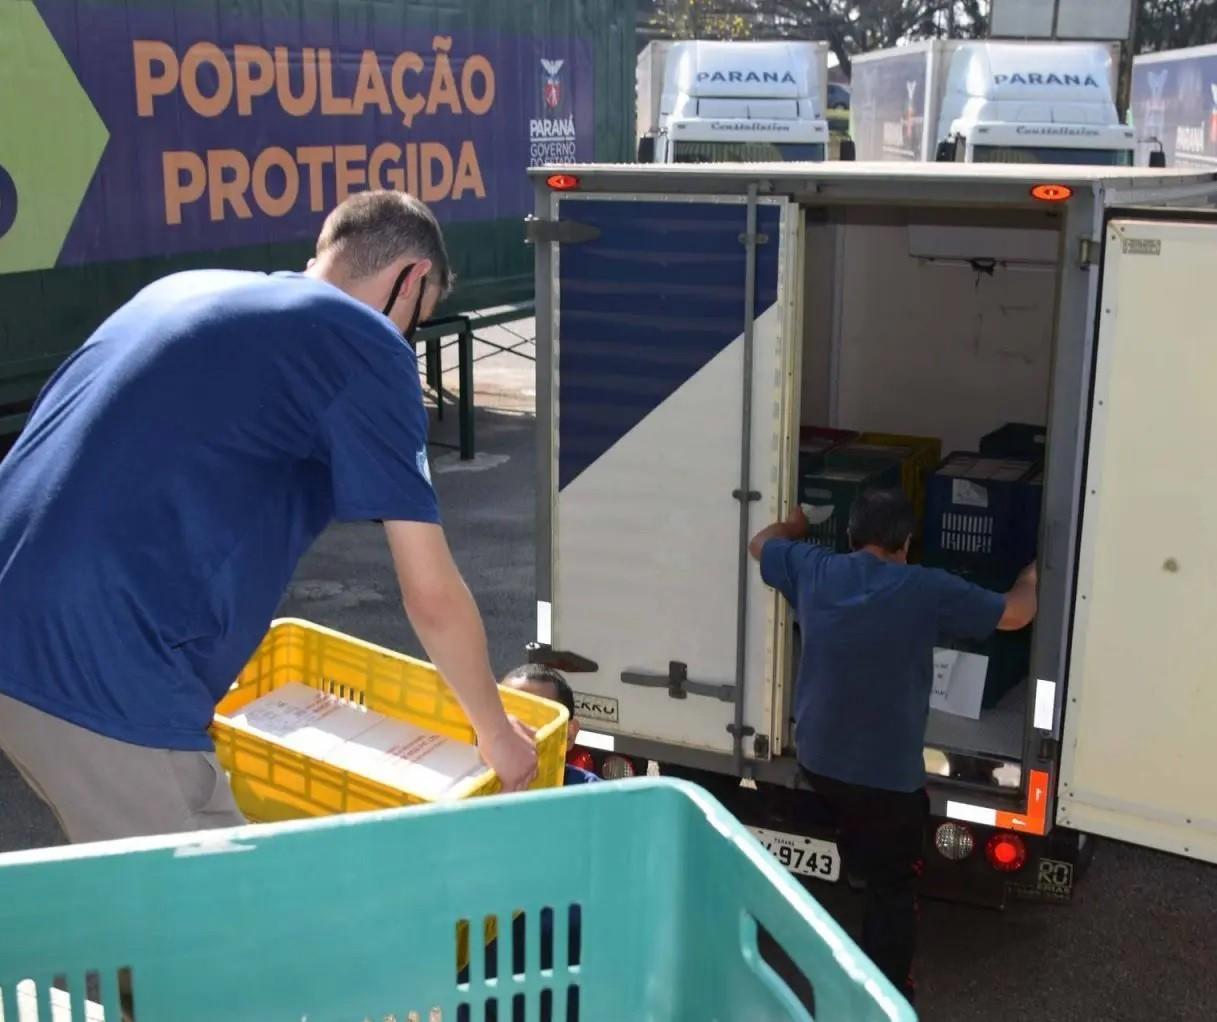 Covid-19: Regional de Saúde de Maringá recebe mais de 35 mil doses de vacina em nova remessa, diz Sesa